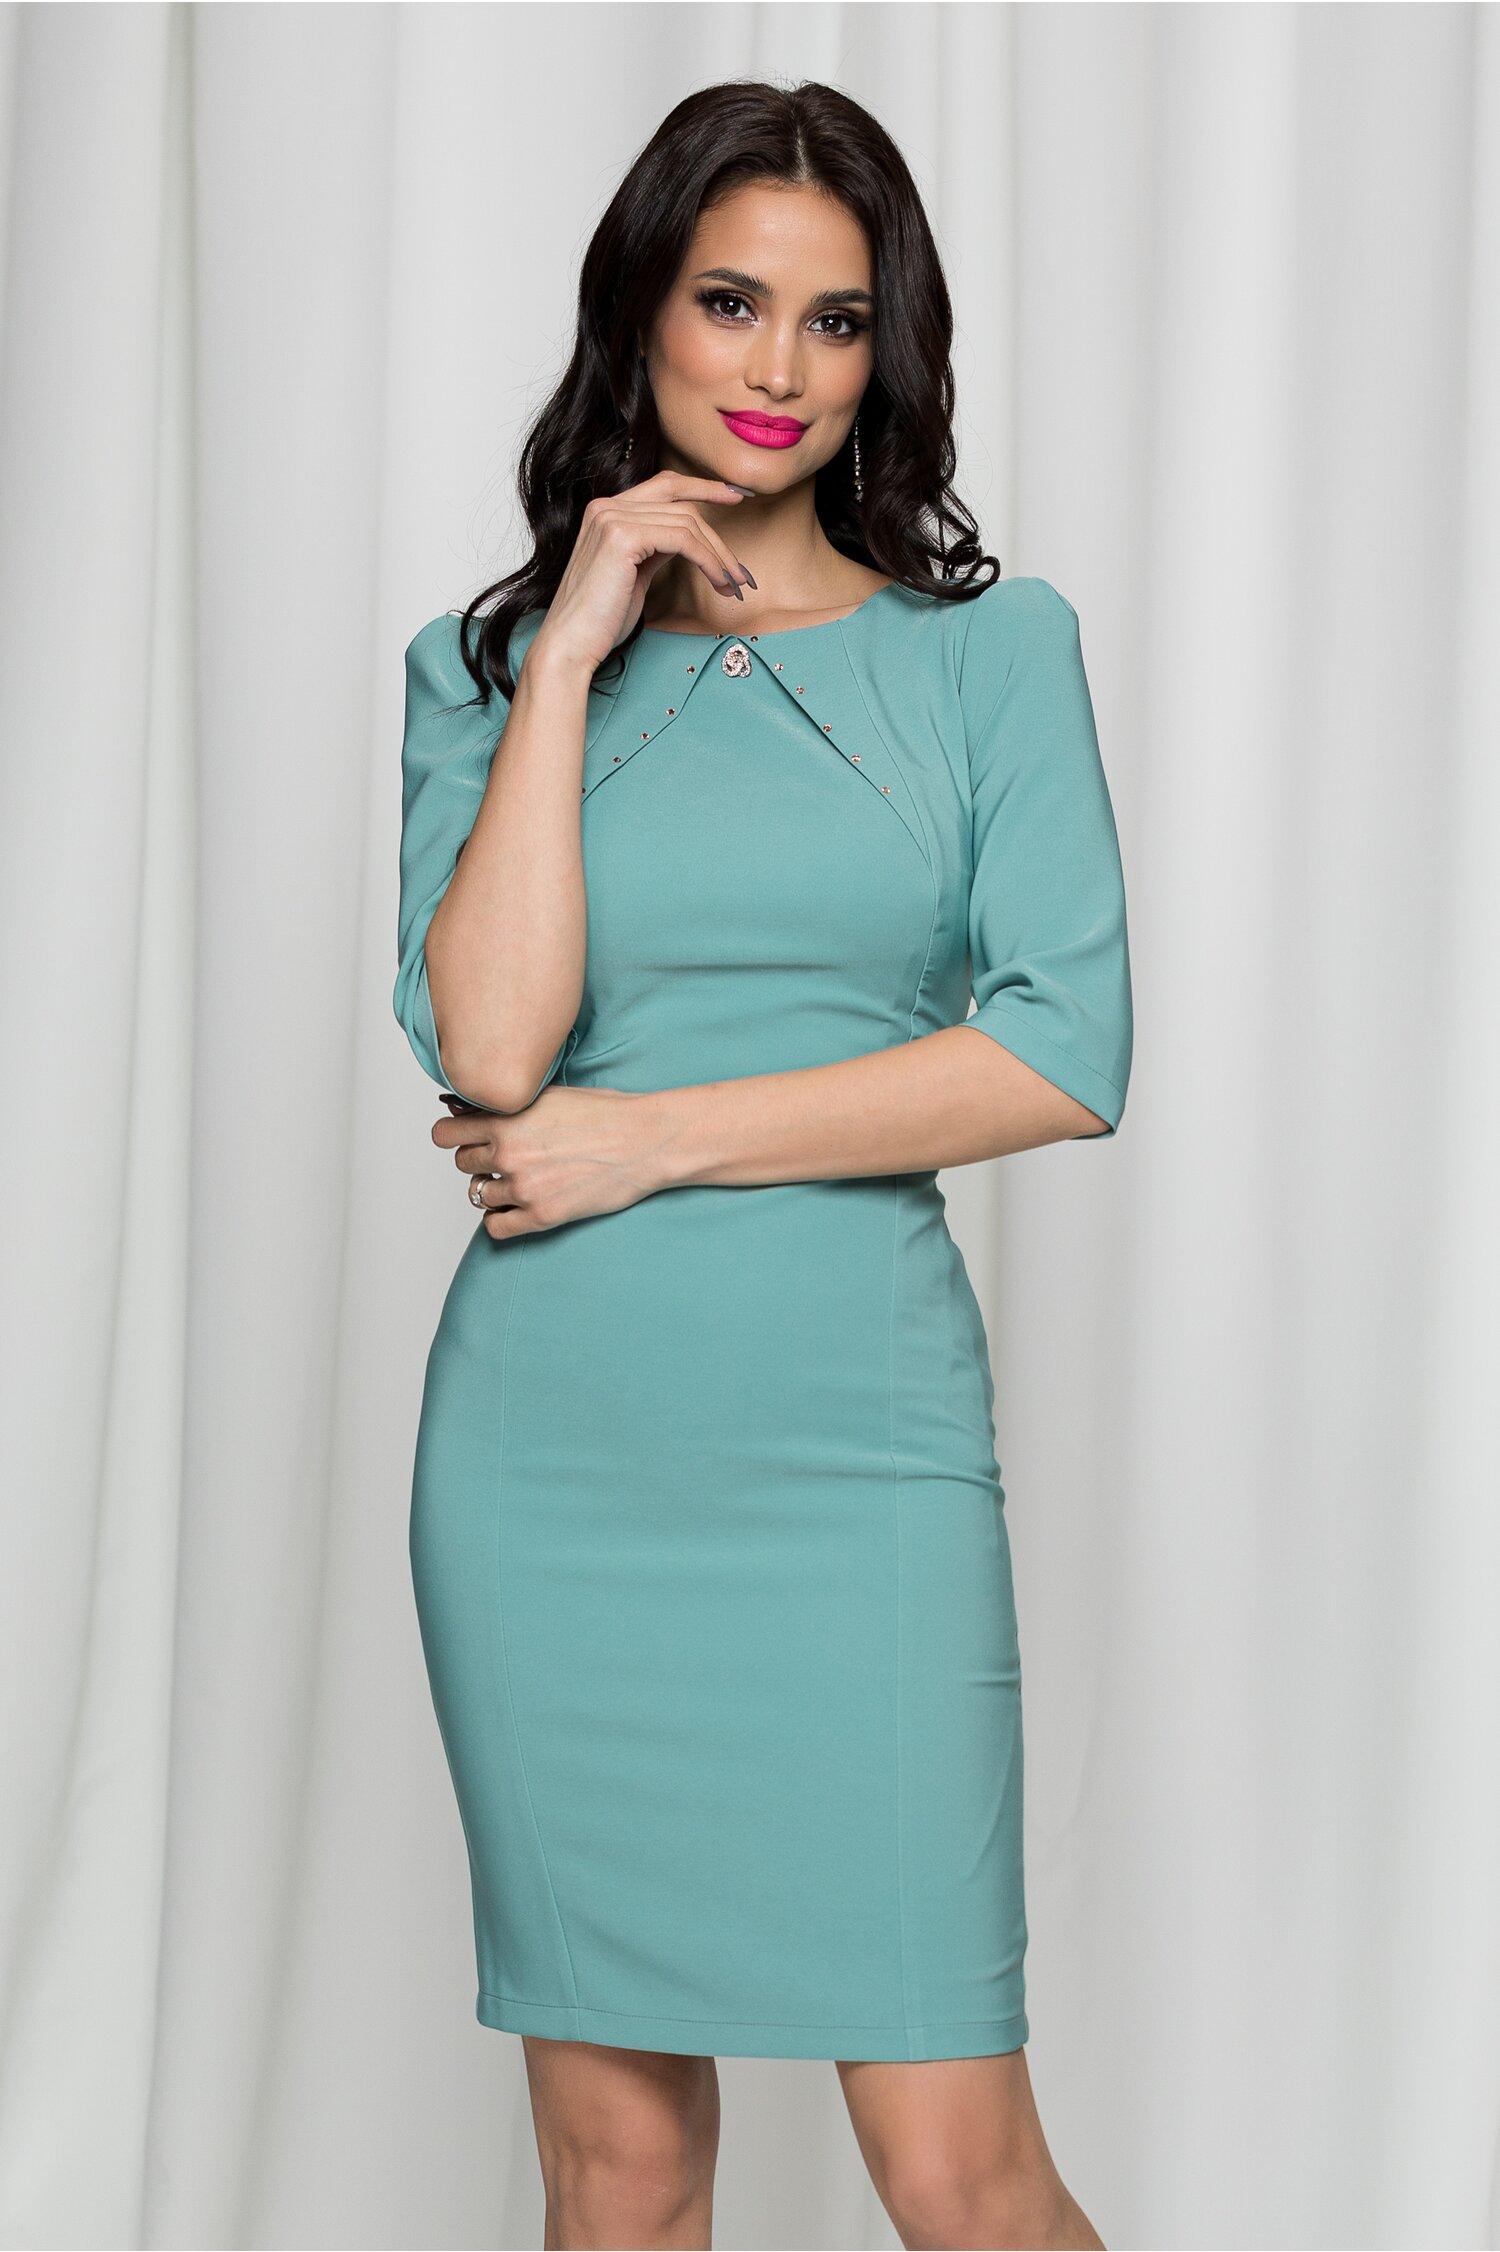 Rochie LaDonna verde mint cu decolteu rotund accesorizat cu brosa si strasuri